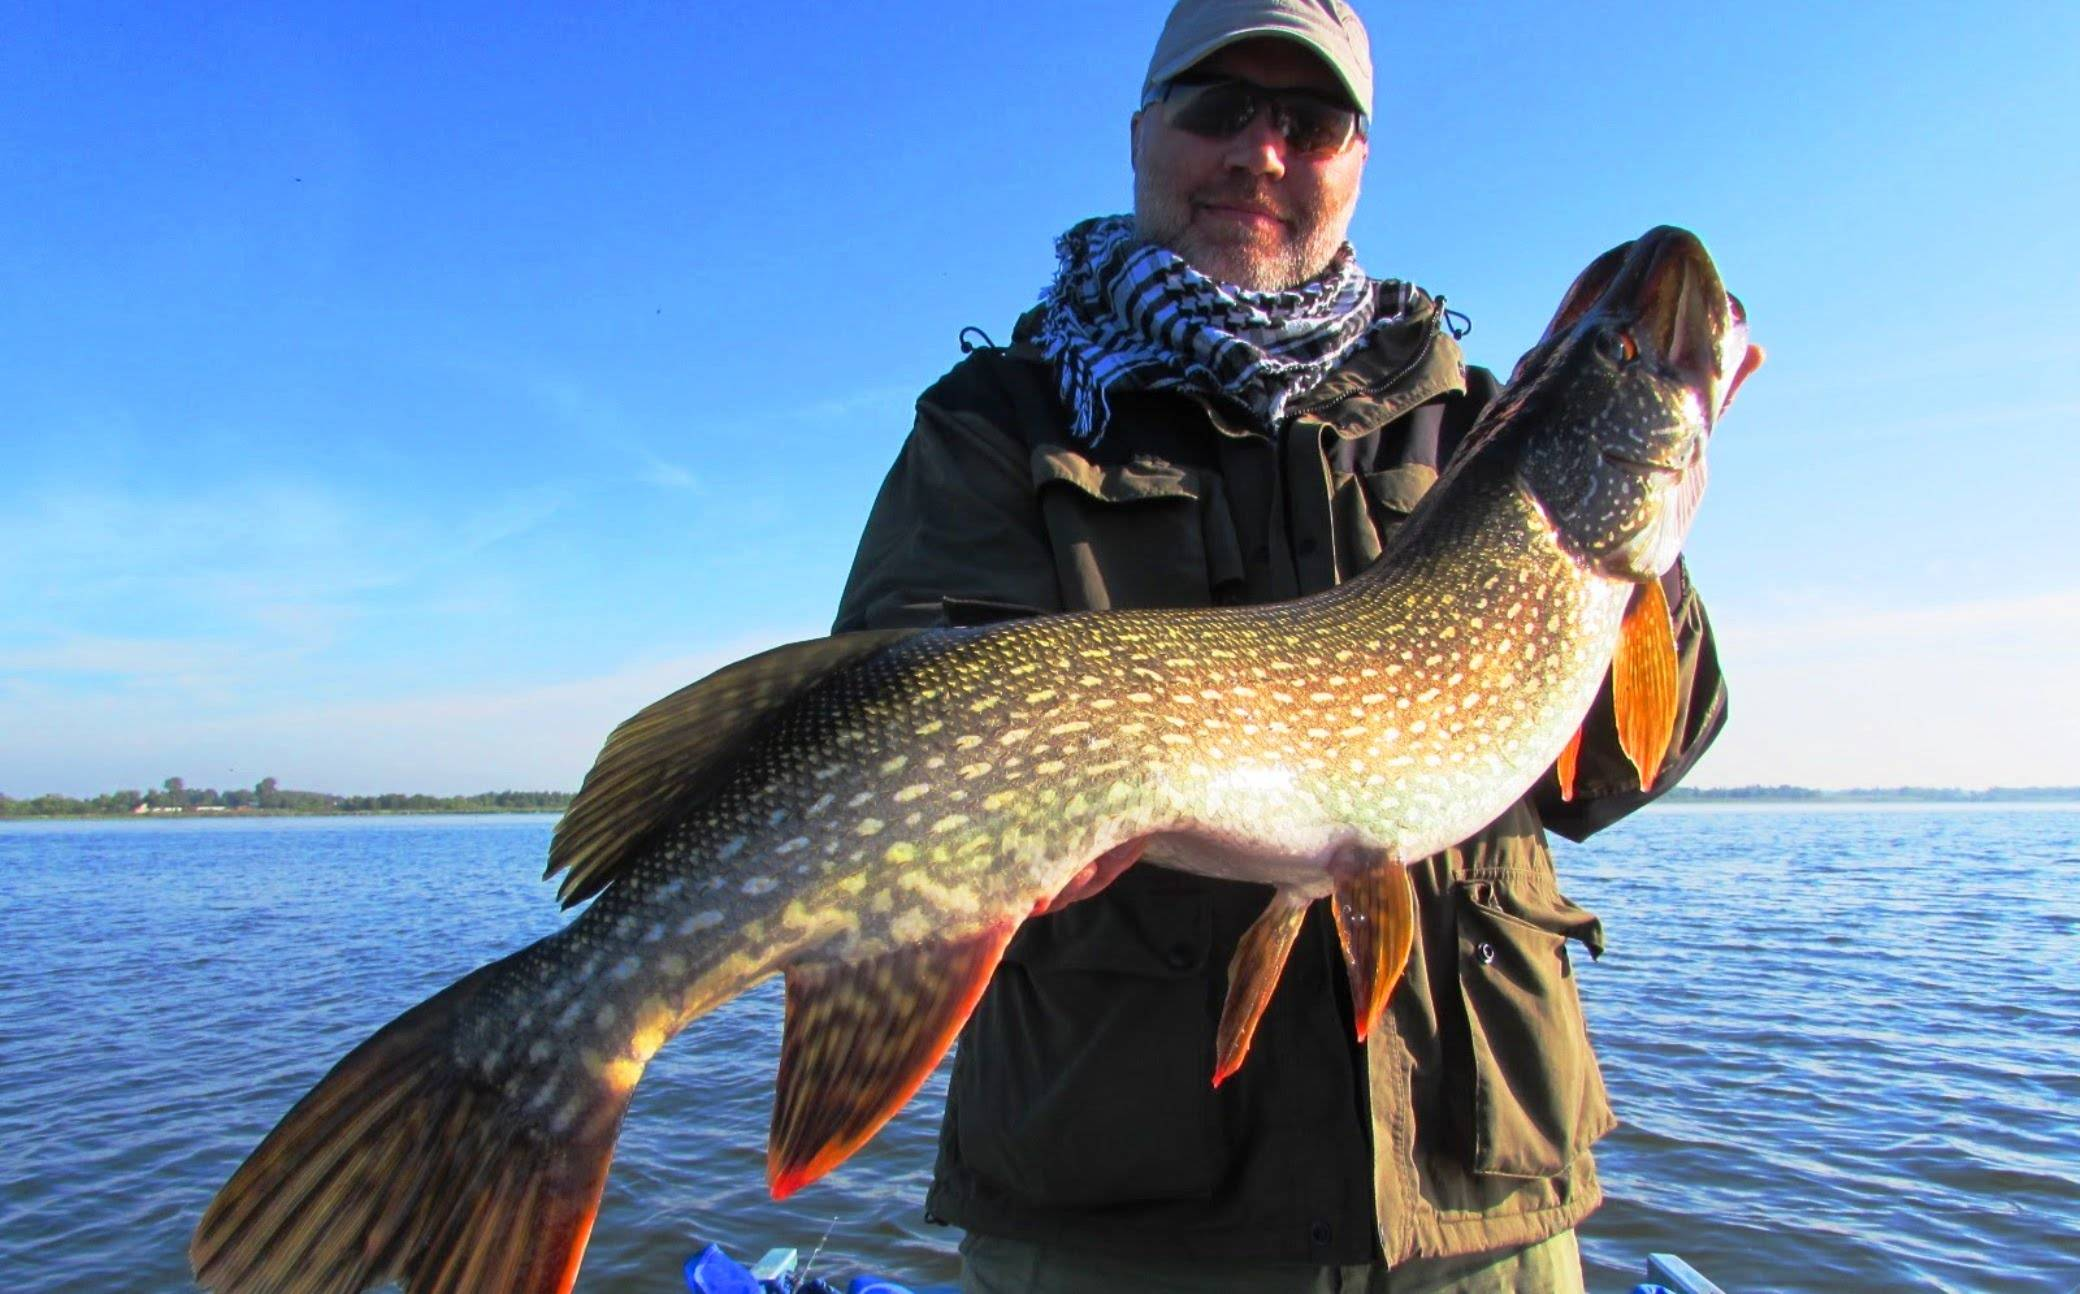 Рыбалка в финляндии летом, лицензия на рыбалку на озерах, правила, зимняя рыбалка